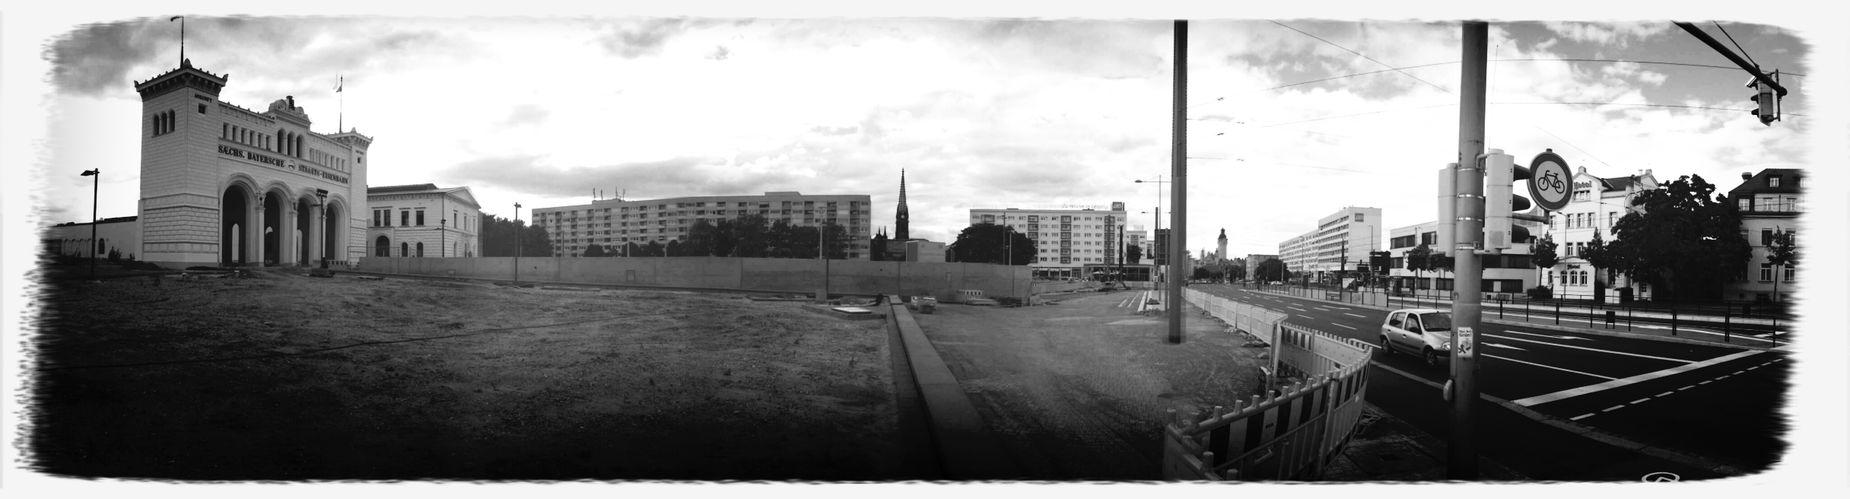 Taking Photos Panorama